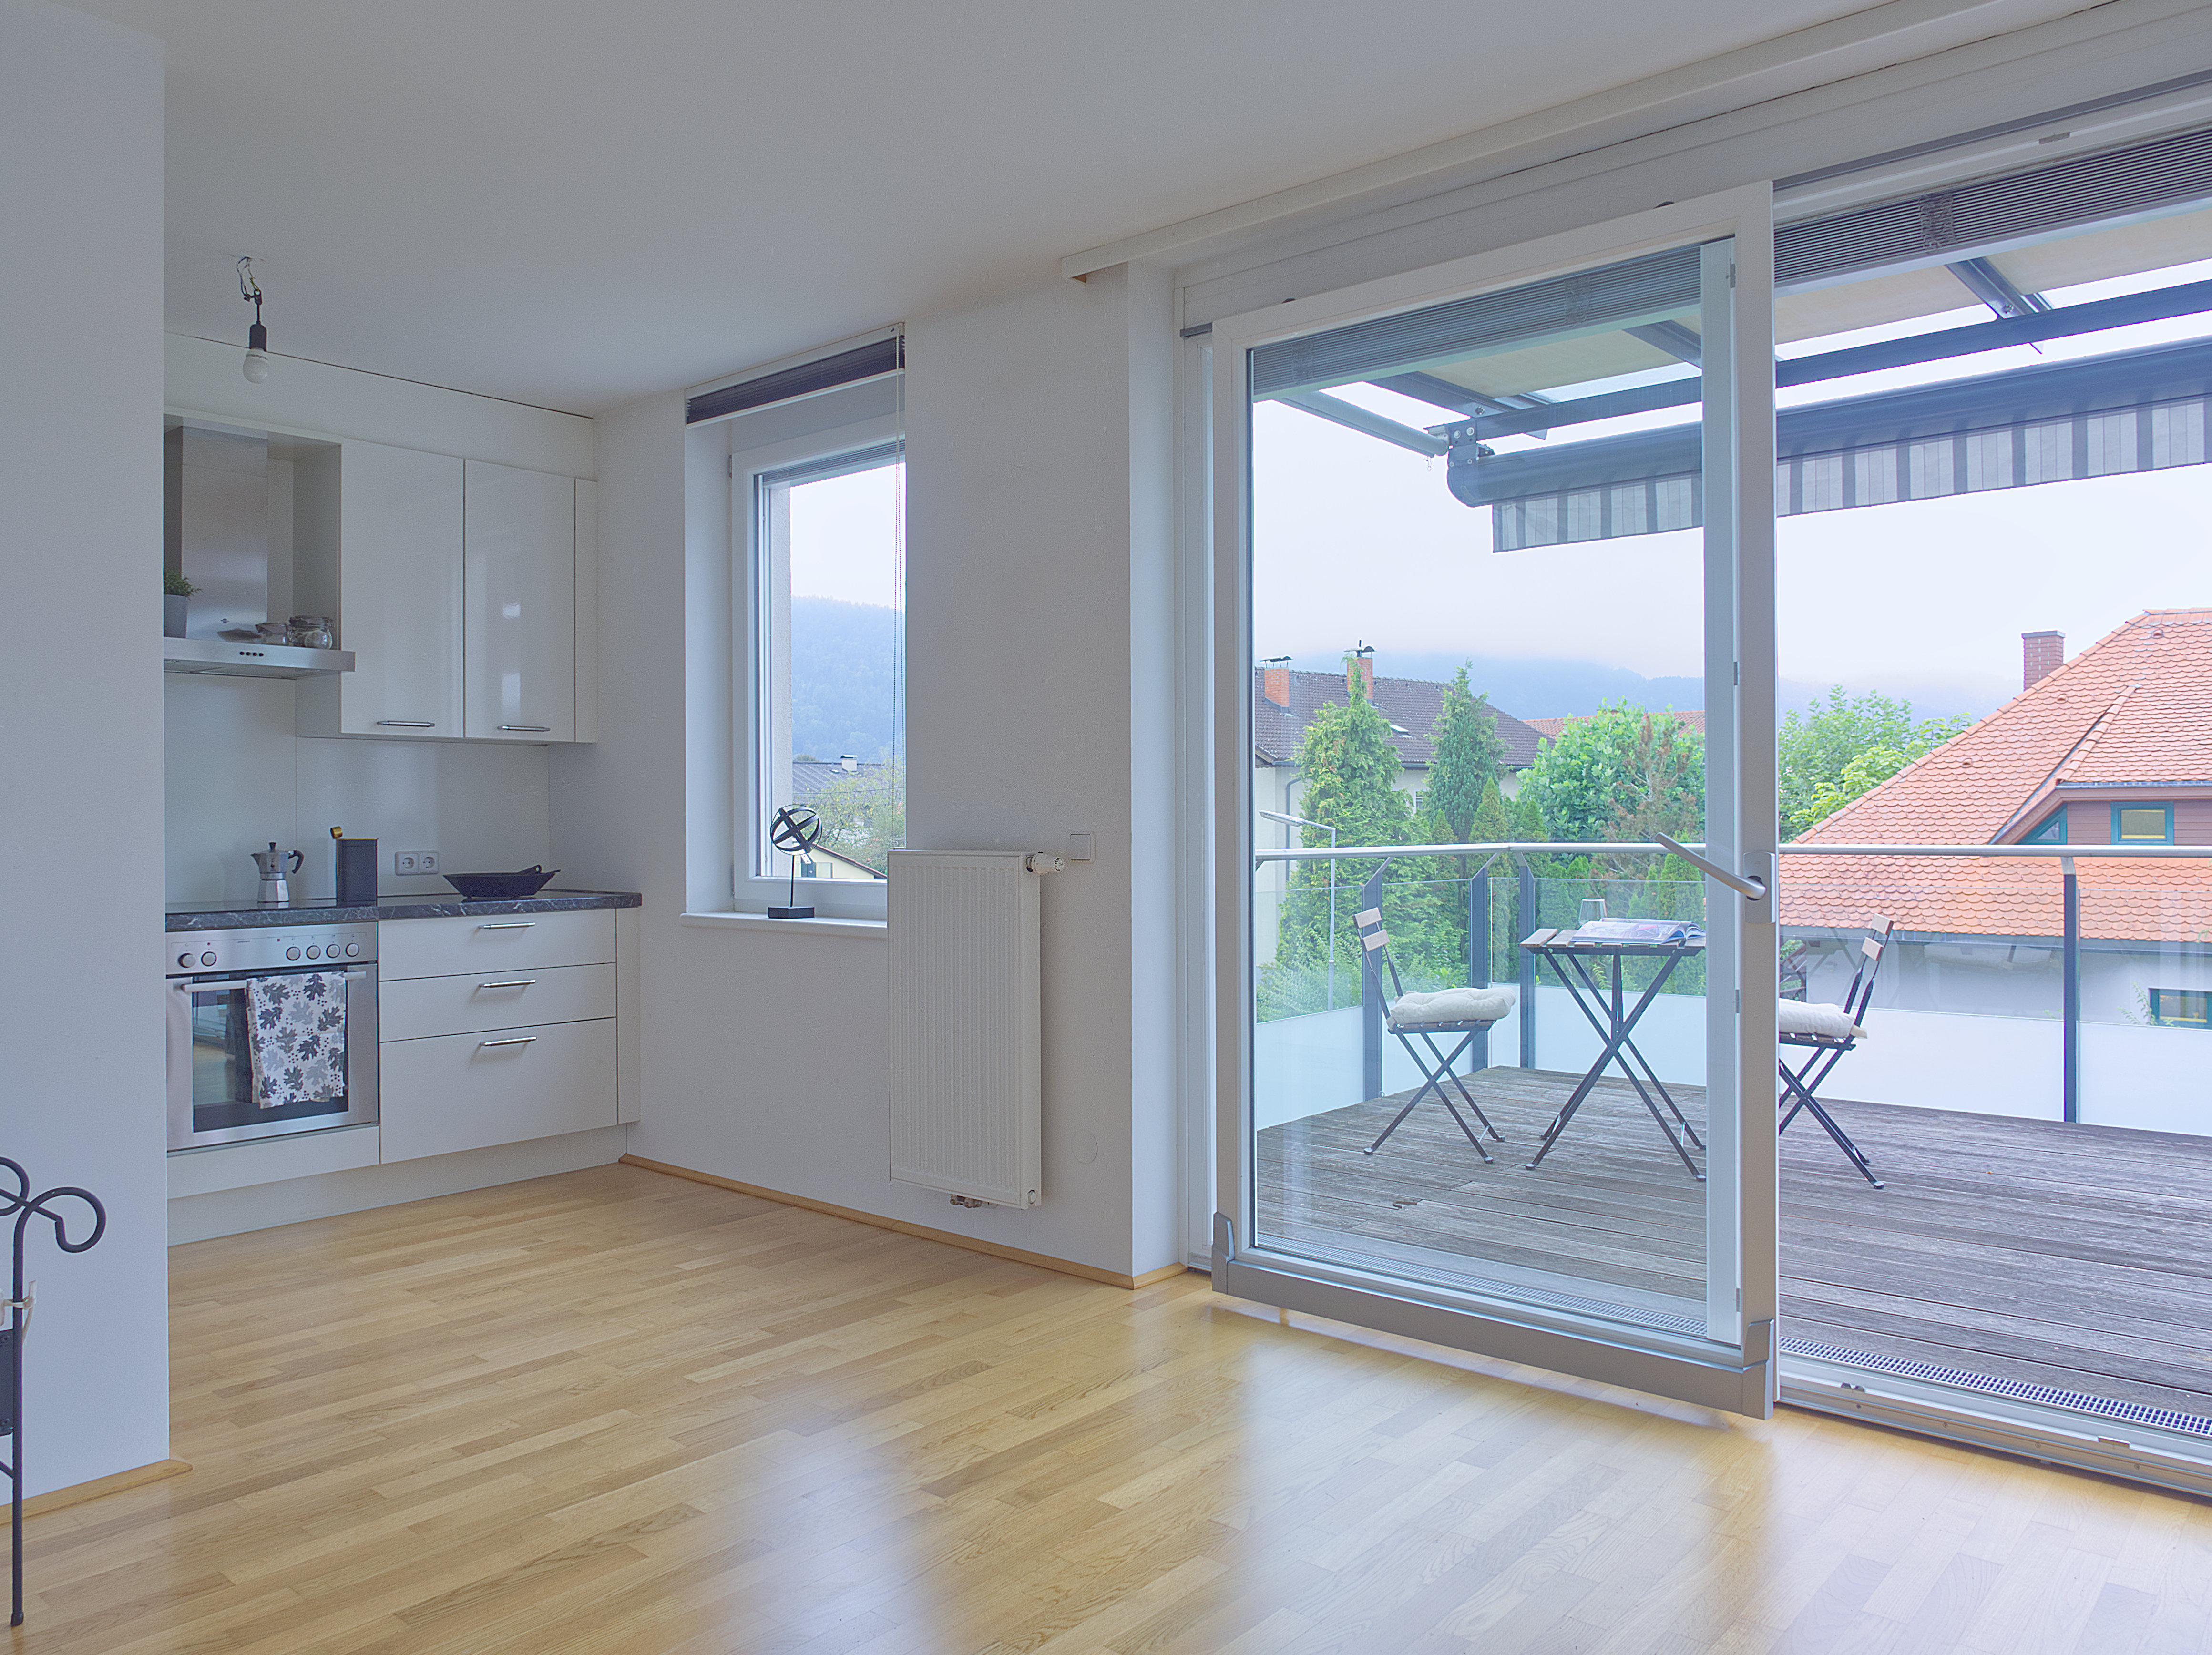 Wohnzimmer - Küche - Balkon